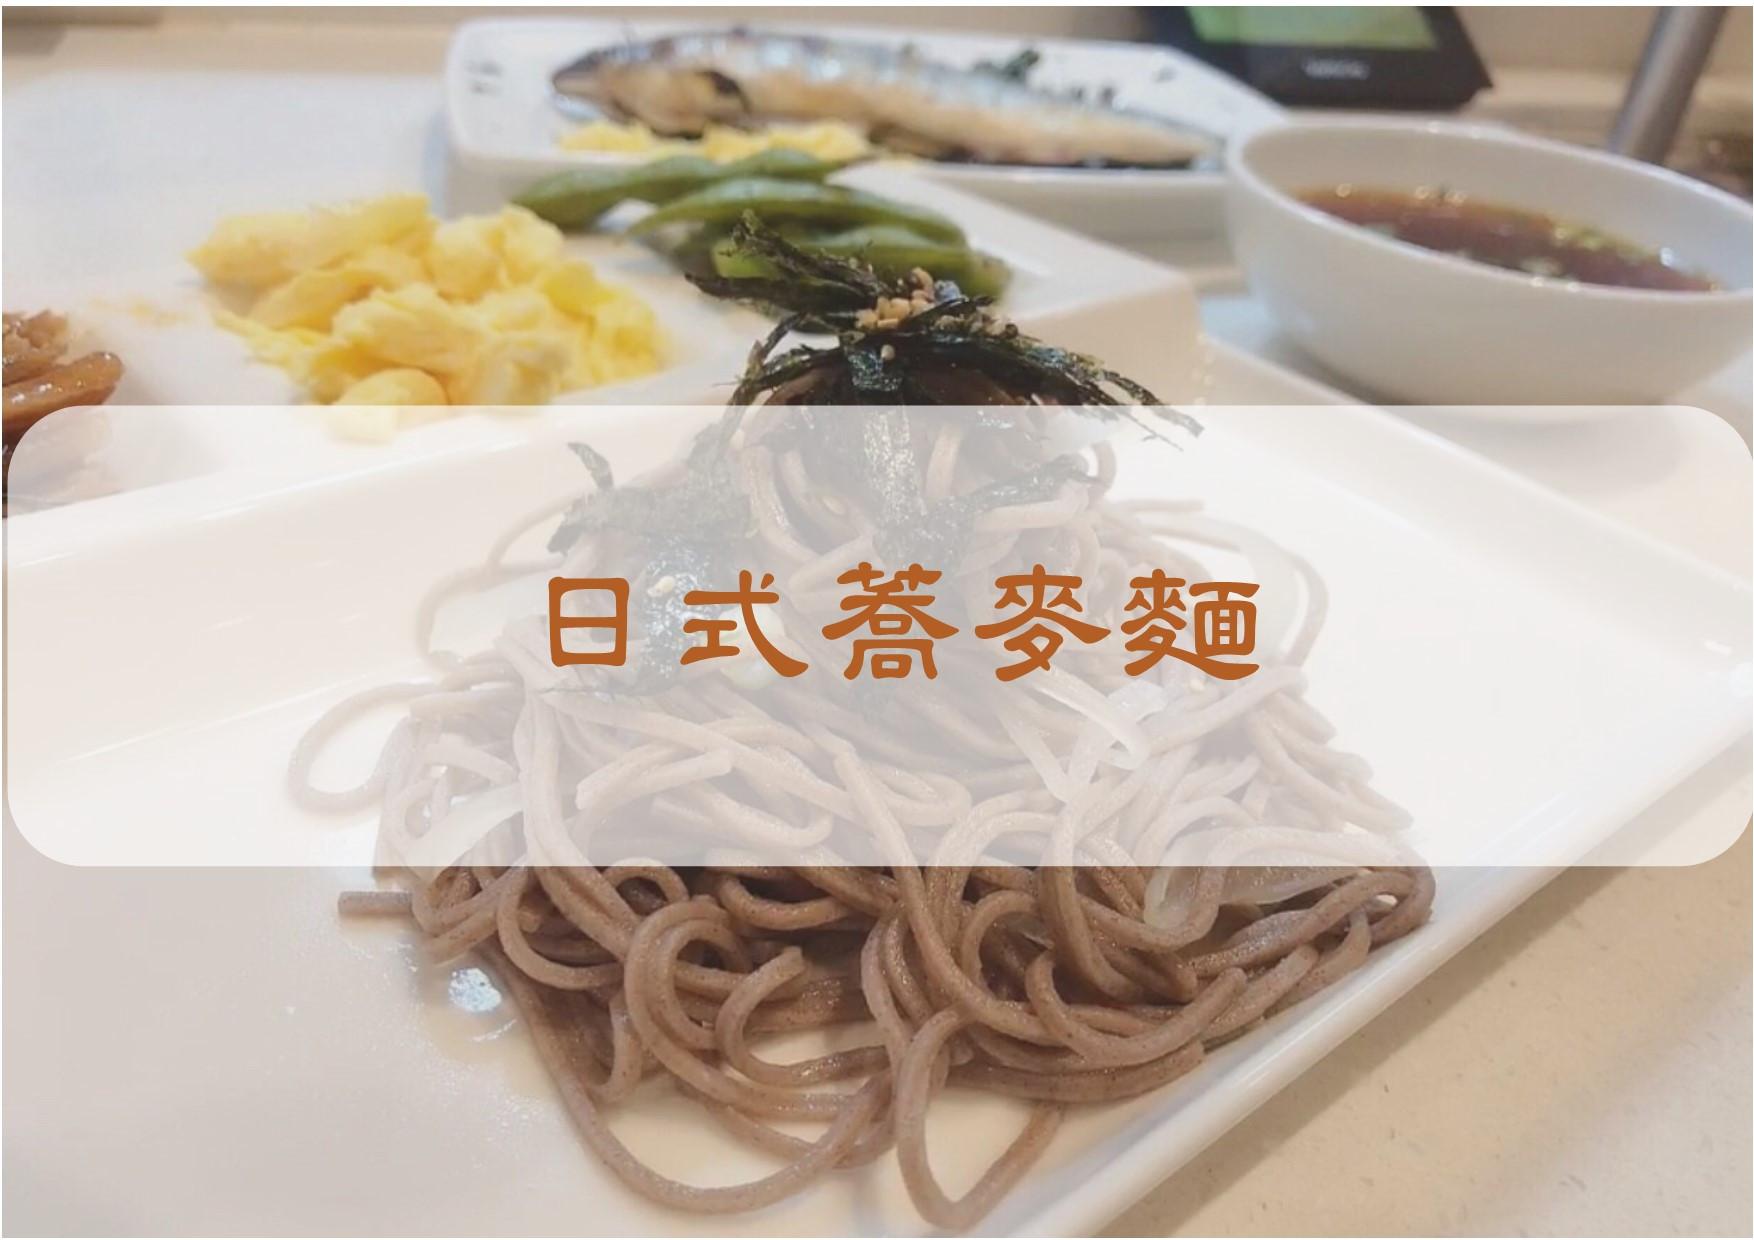 【日式蕎麥麵】|爐連烤|蕎麥麵|健身